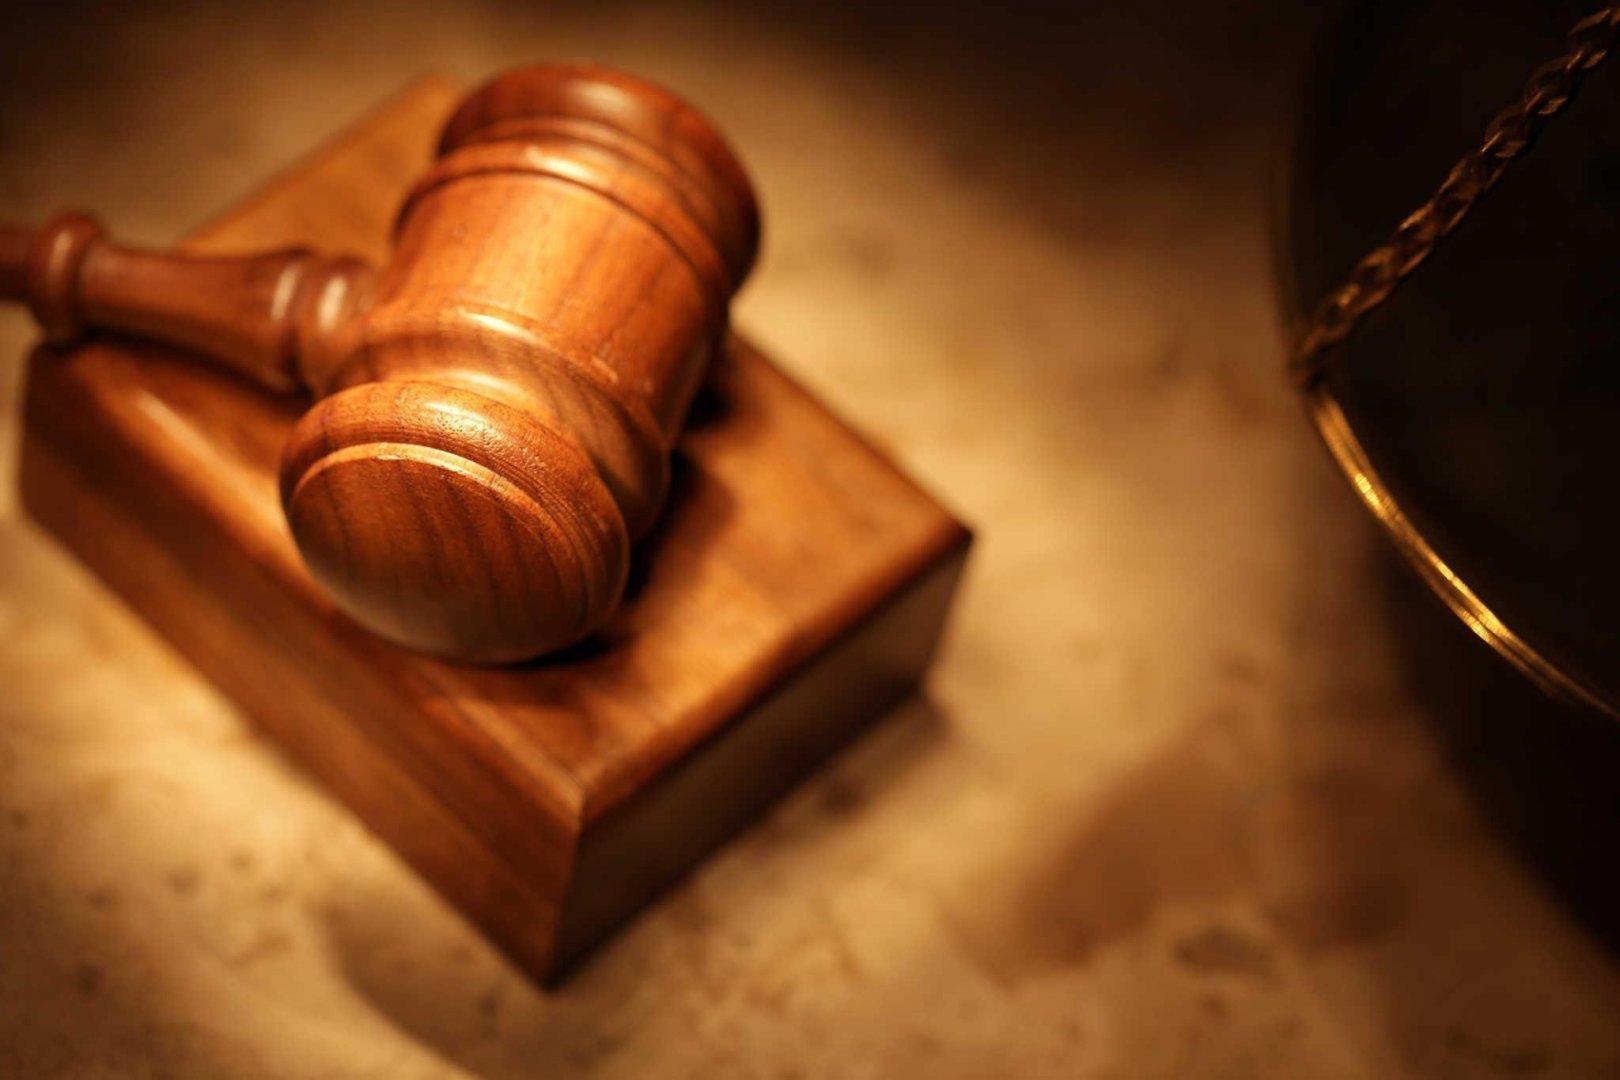 ЕСПЧ о сохранении права пользования квартирой лицами, отказавшимися от приватизации